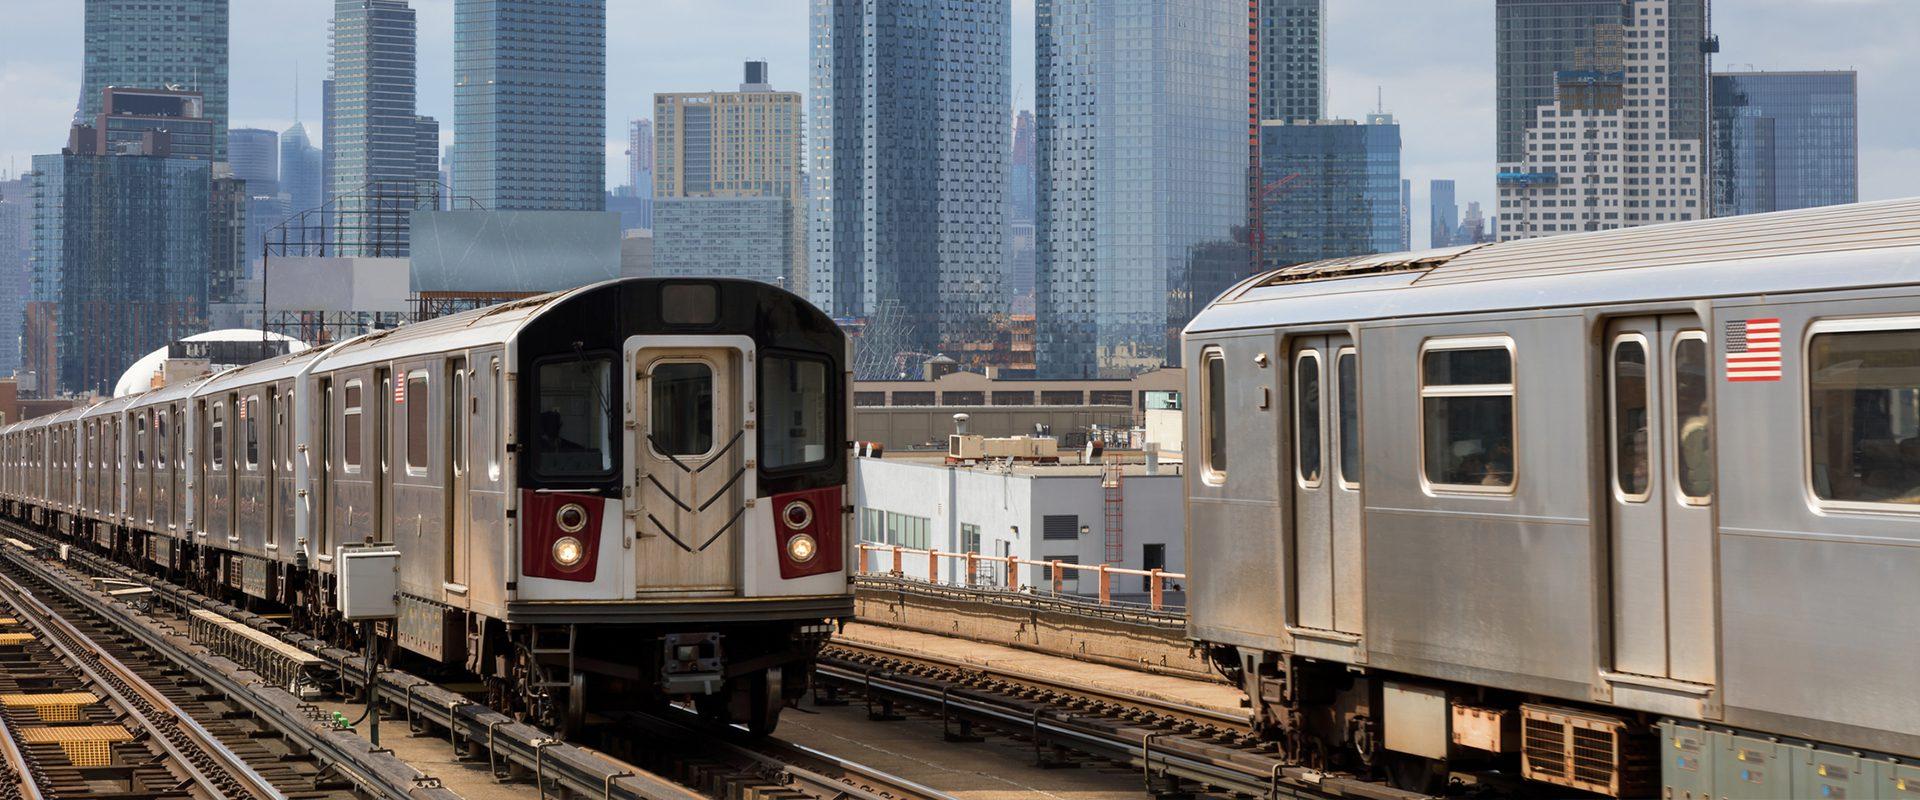 Metro en Queens, Nueva York